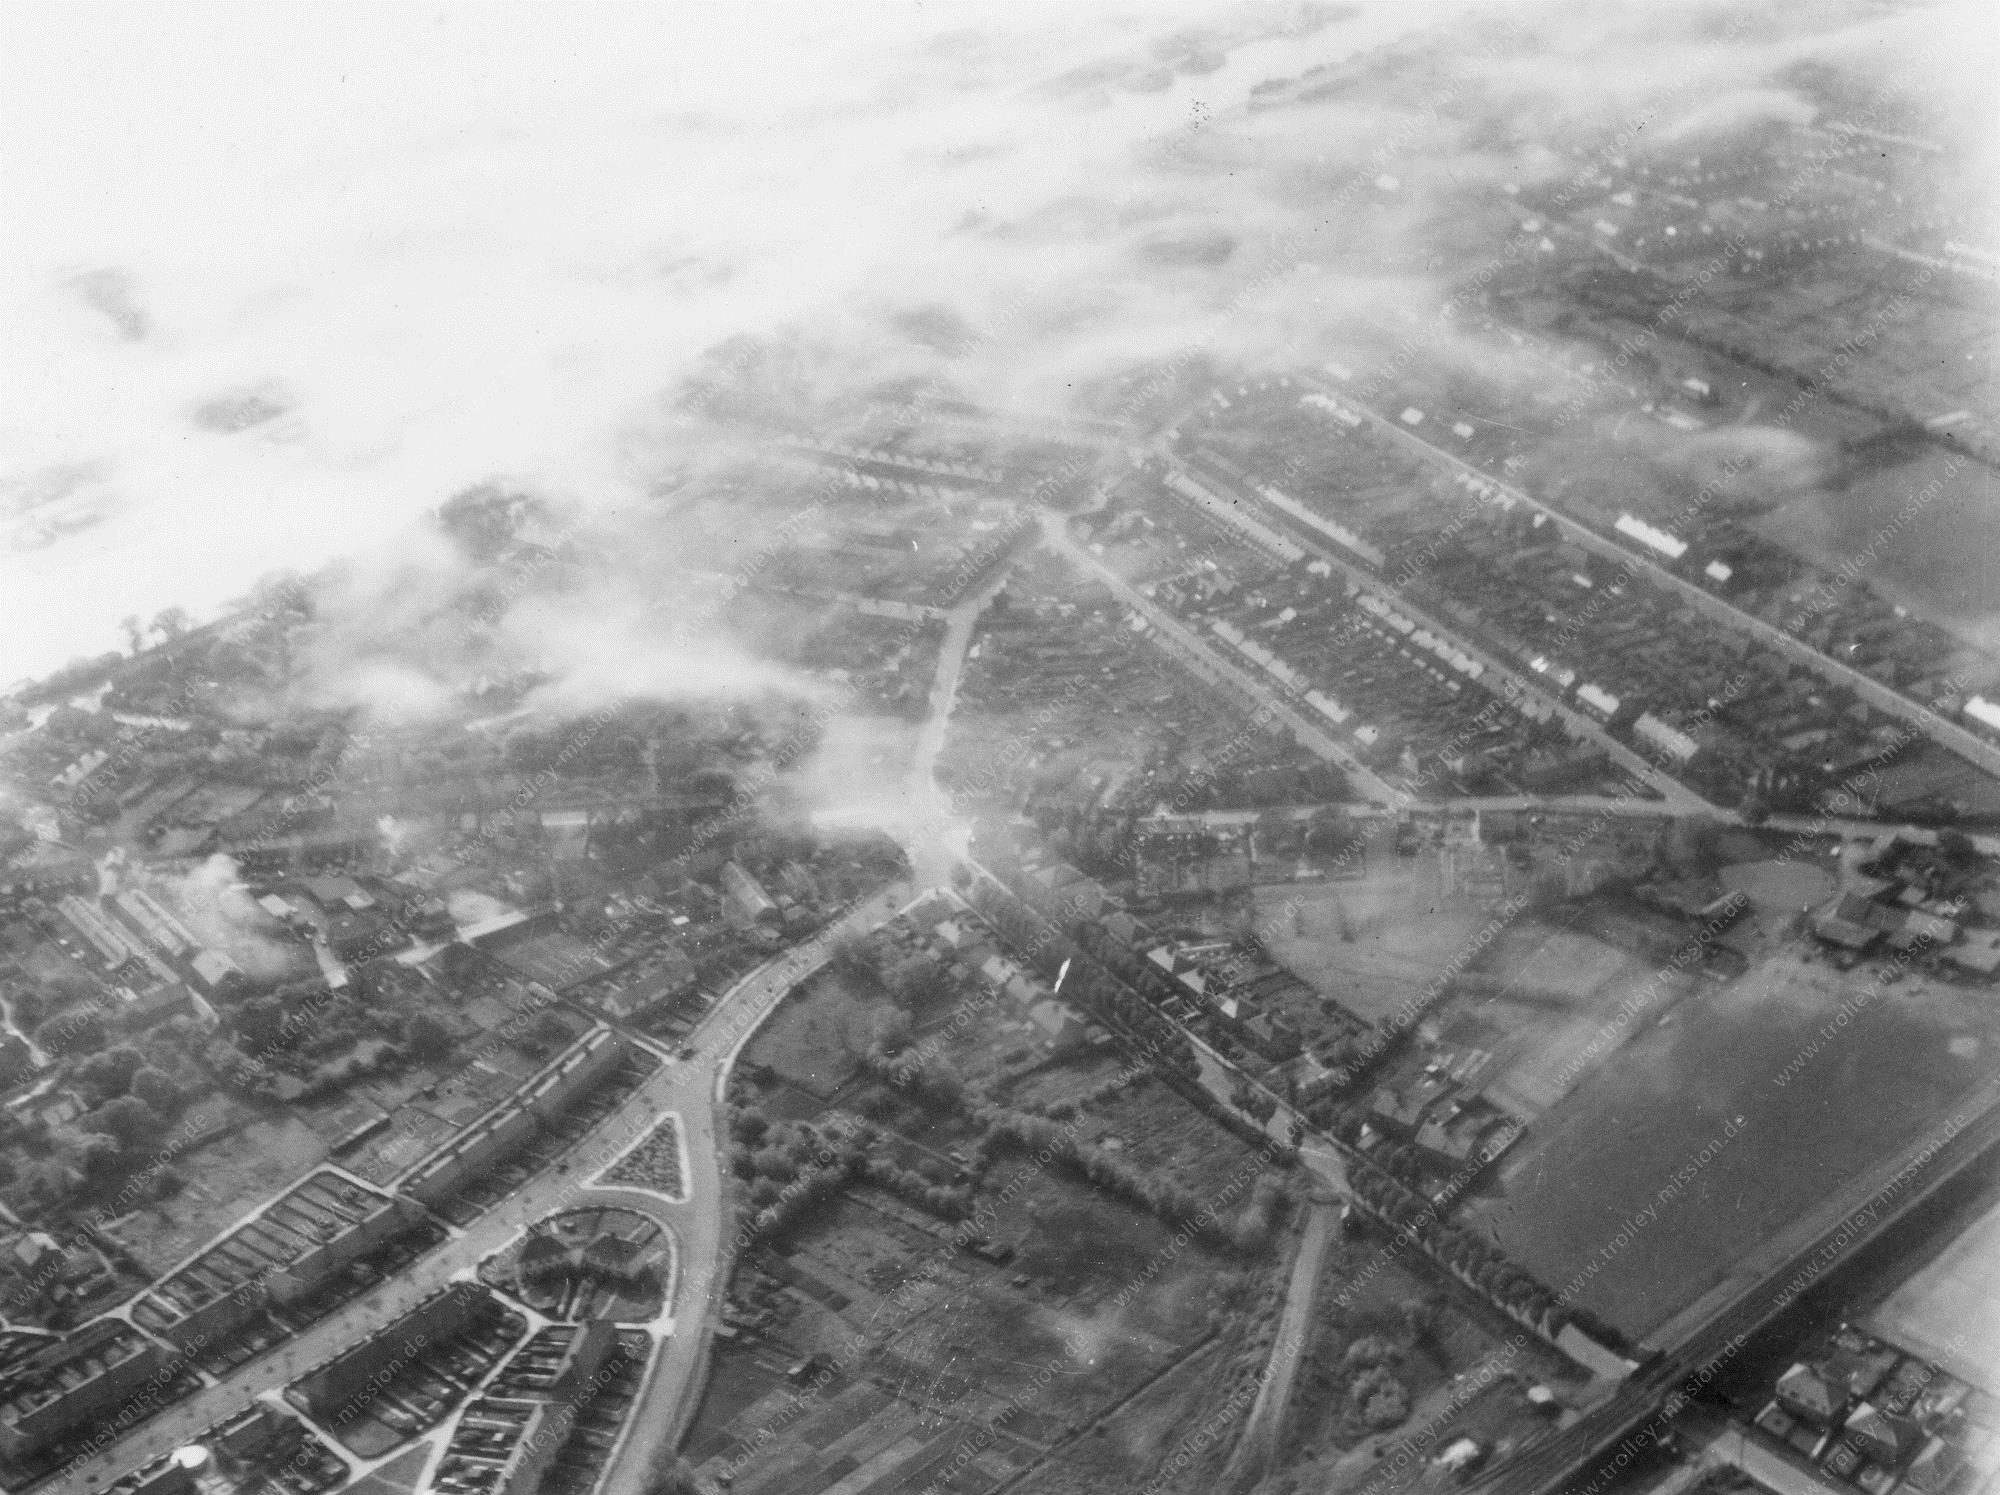 Luftbild Great Yarmouth - Harfrey's Road und Suffolk Road (Großbritannien)